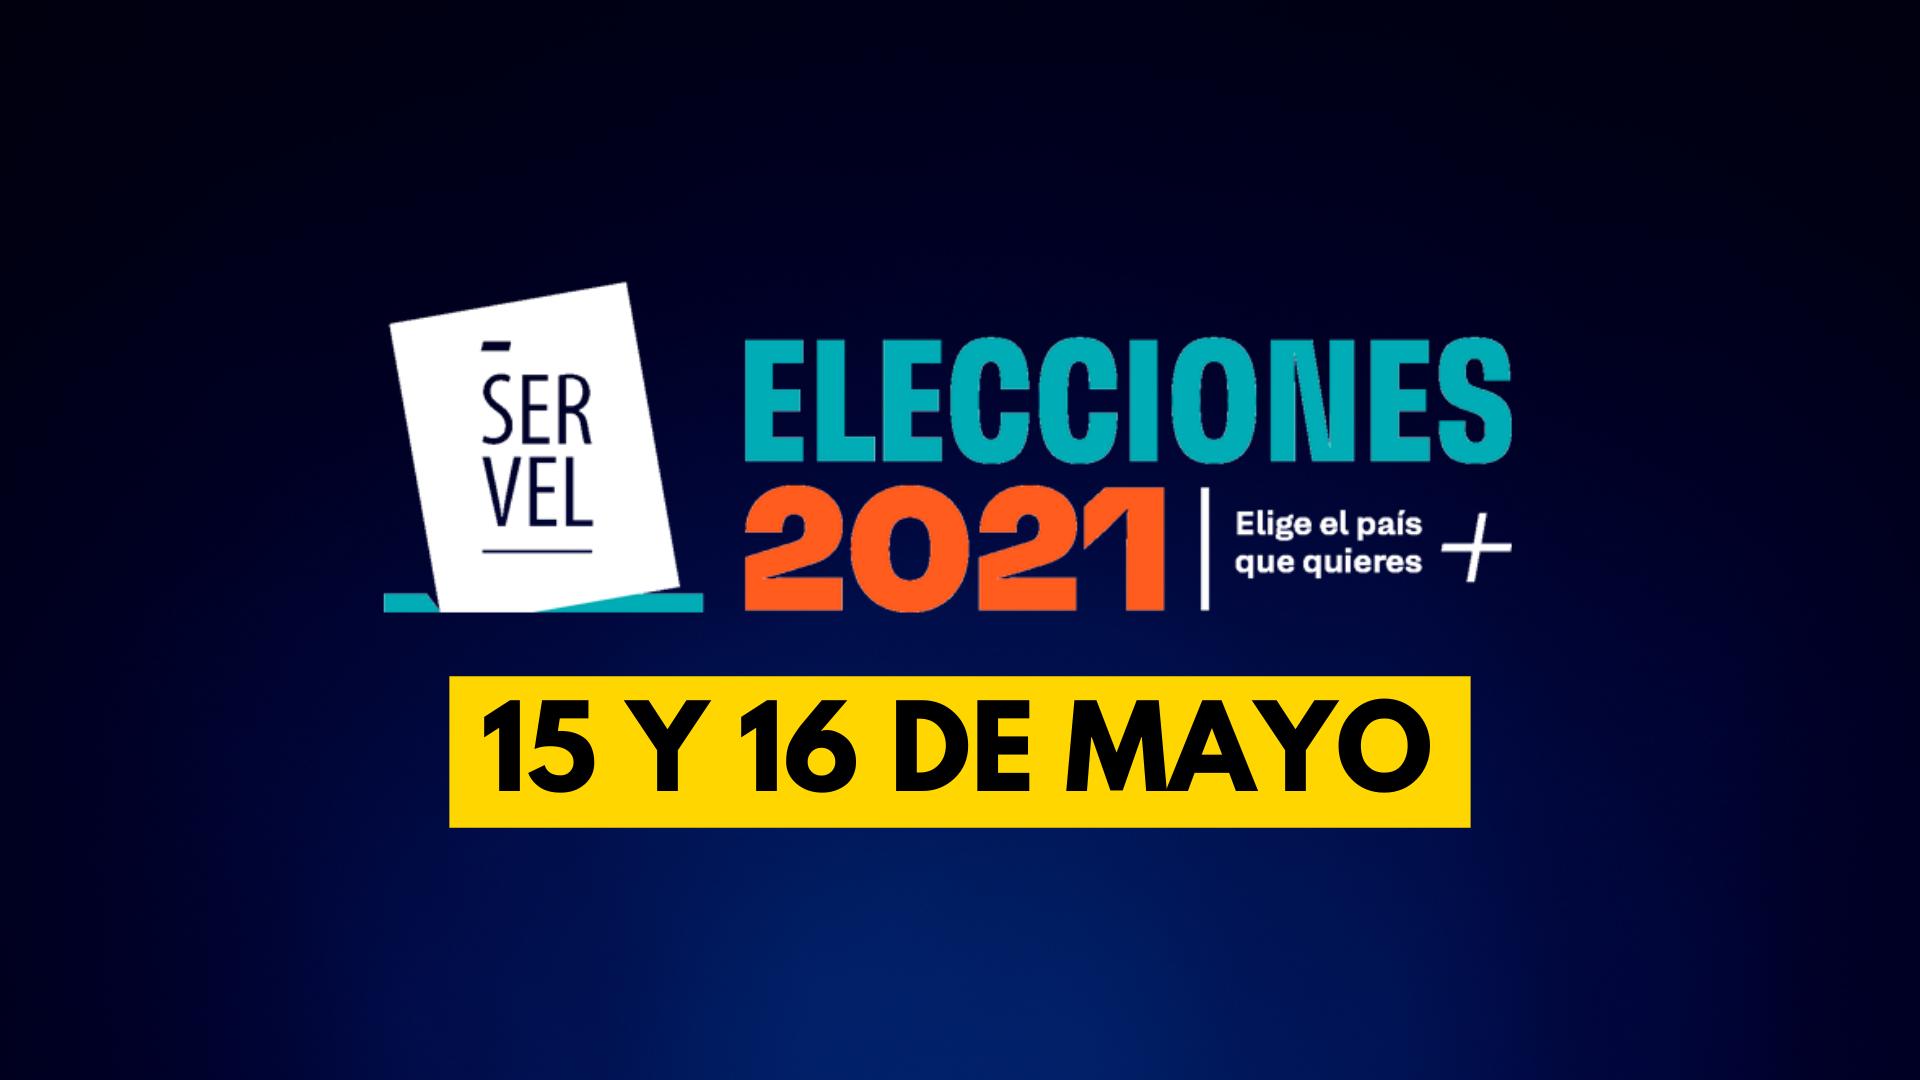 INFORMACIÓN RELEVANTE DE LAS ELECCIONES DE ESTE 15 Y 16 DE MAYO